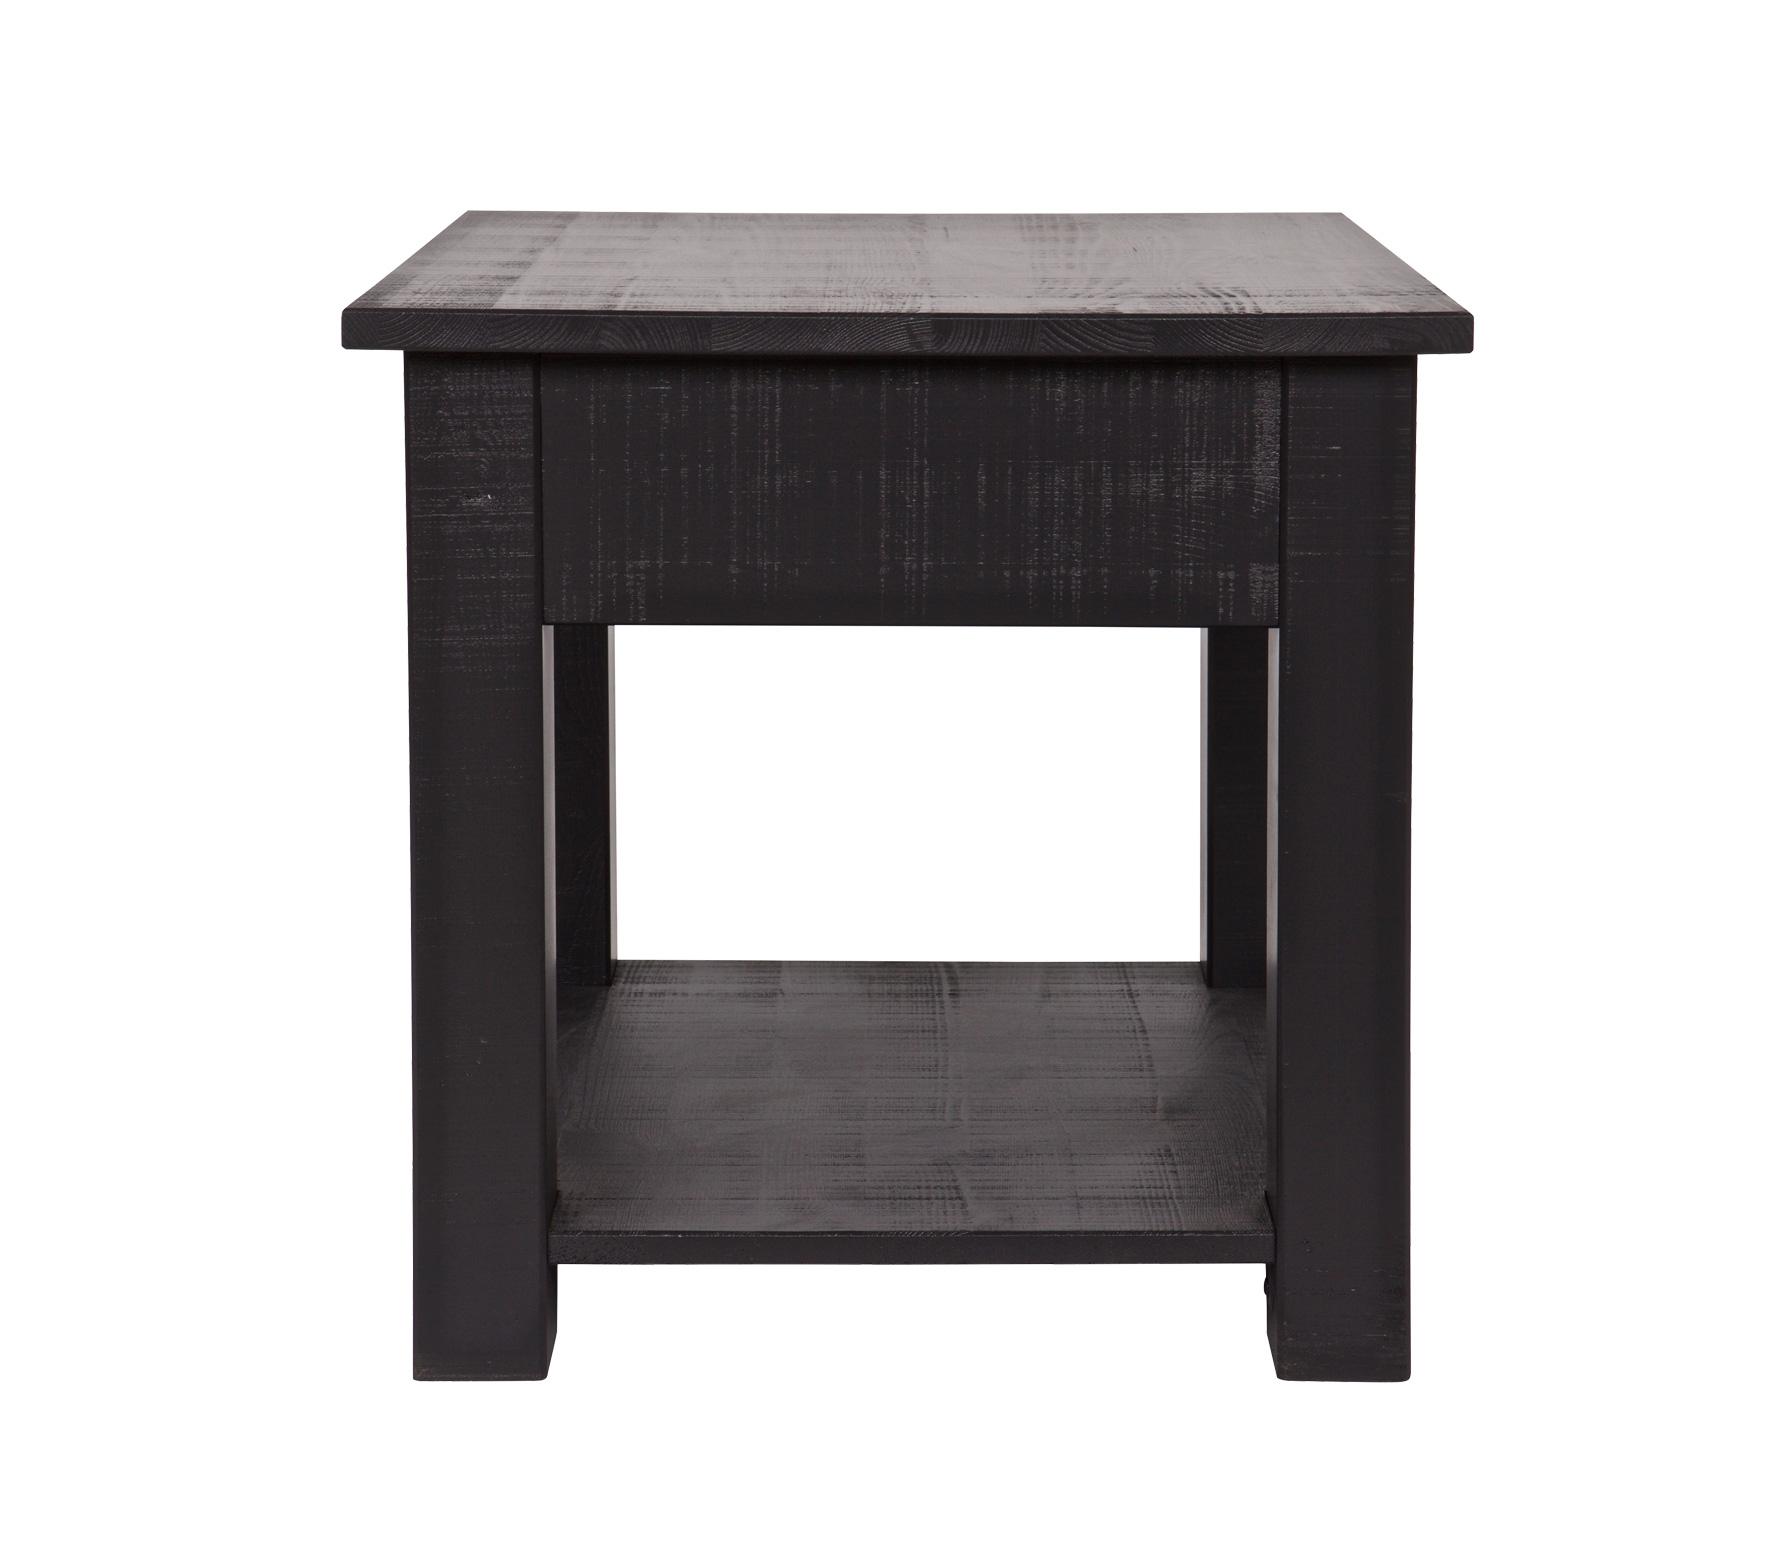 Eettafelstoelen outlet - Am pm meubels ...